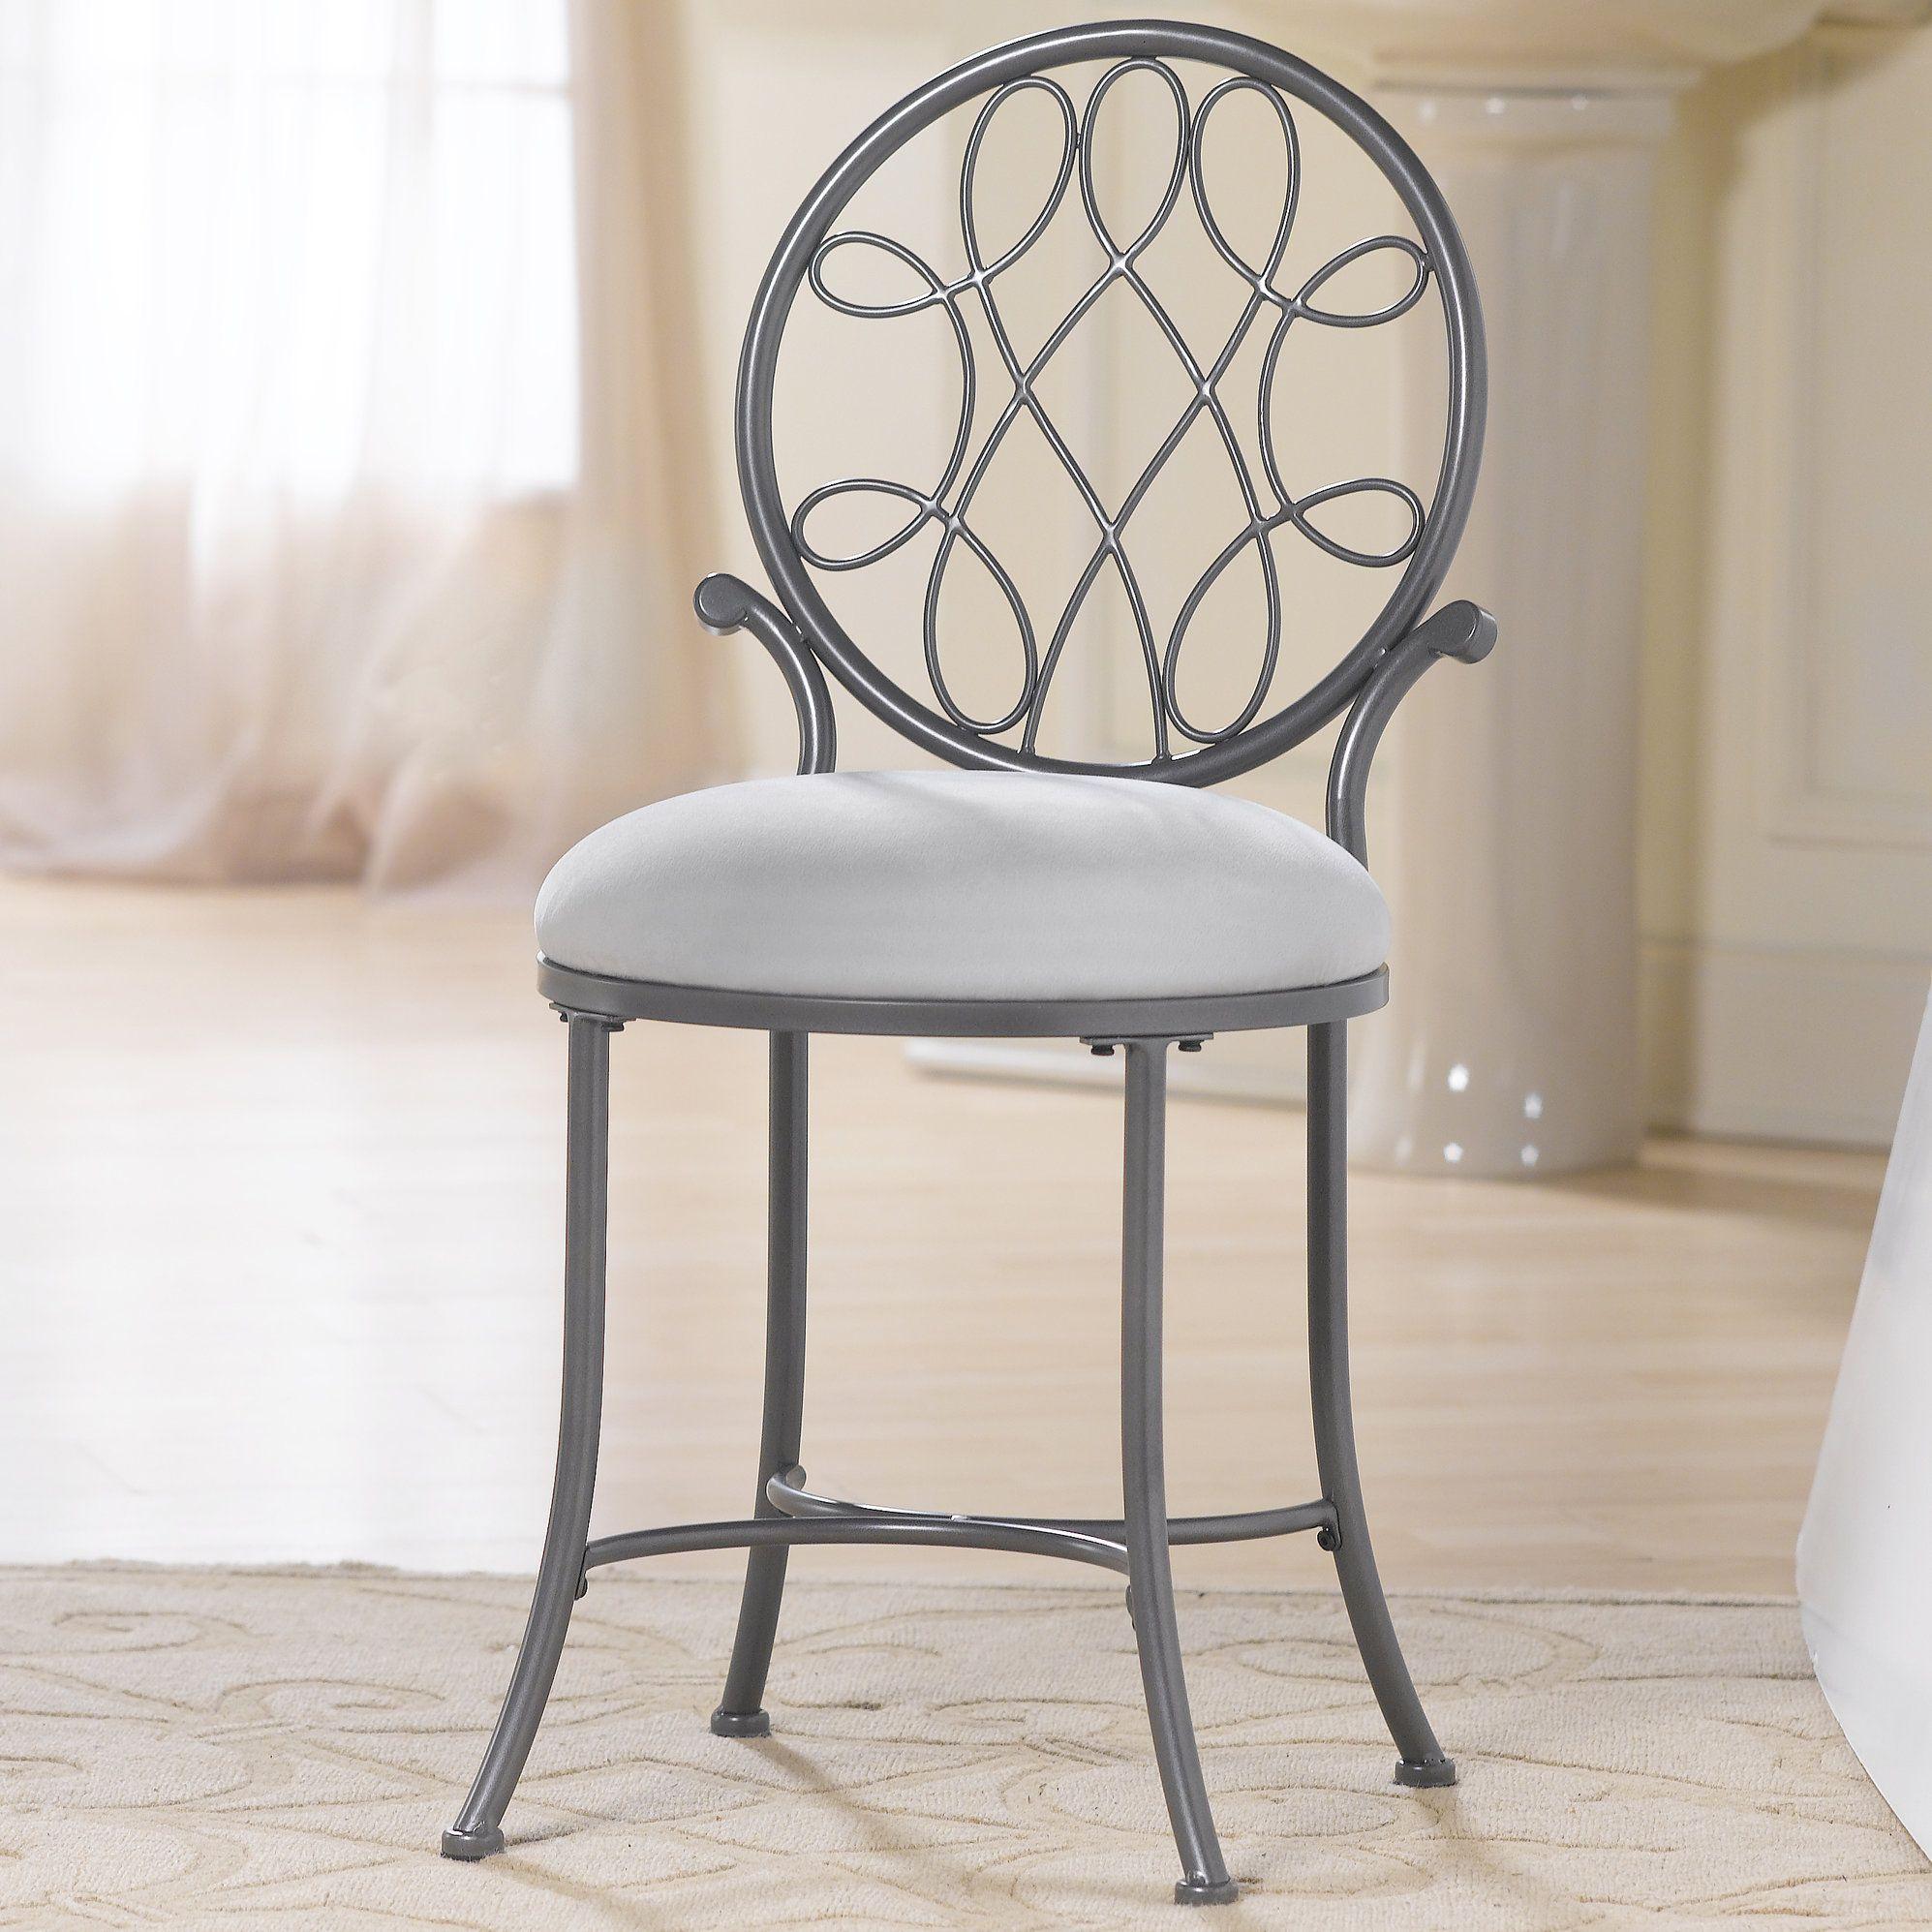 Louella Vanity Stool Bathroom vanity chair, Vanity stool